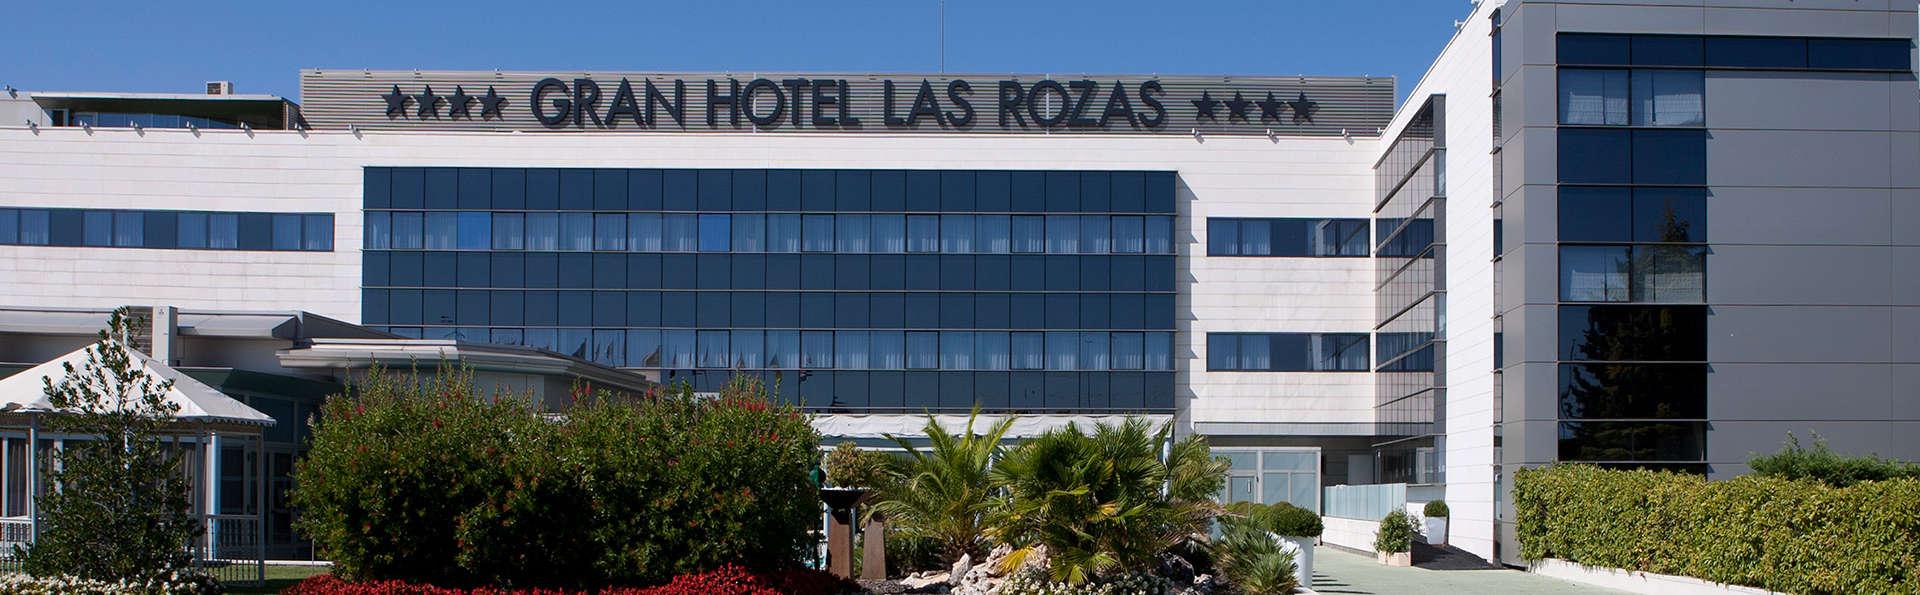 Gran hotel attica21 las rozas hotel las rozas de madrid - Hotel las rosas madrid ...